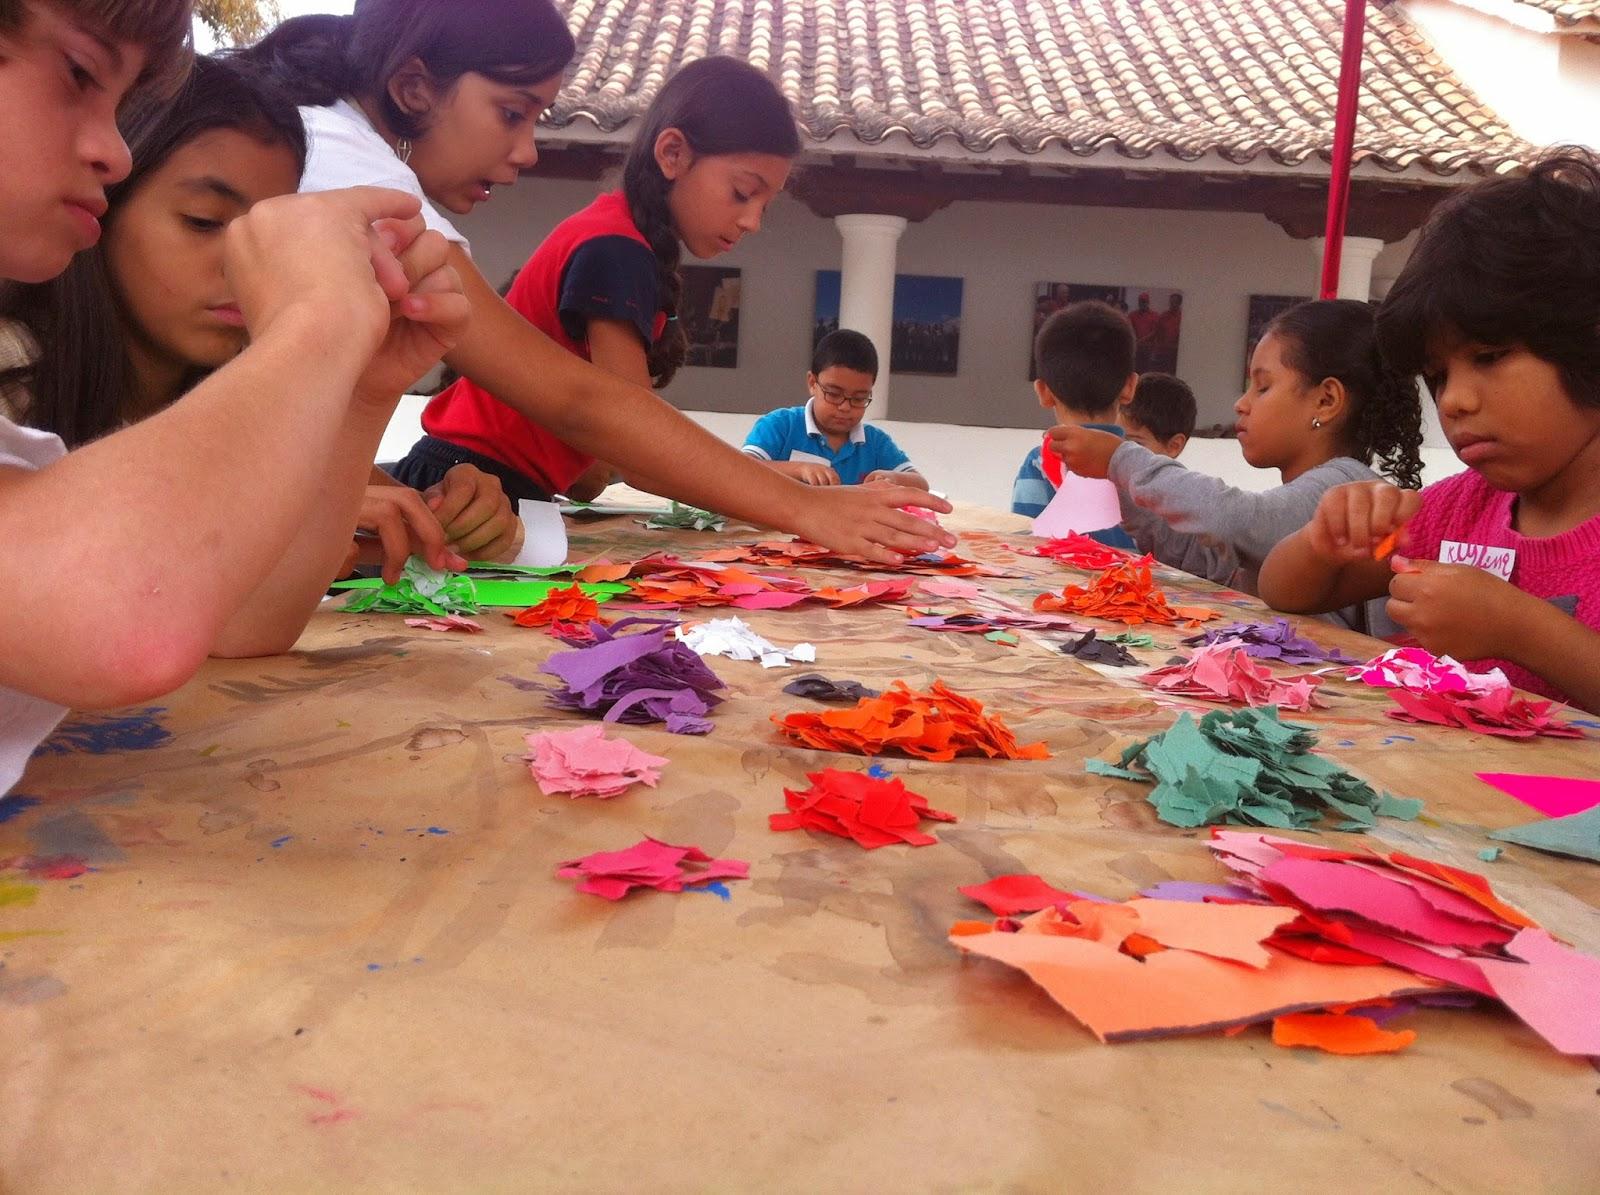 Los niños separan el papel de colores para hacer pulpa